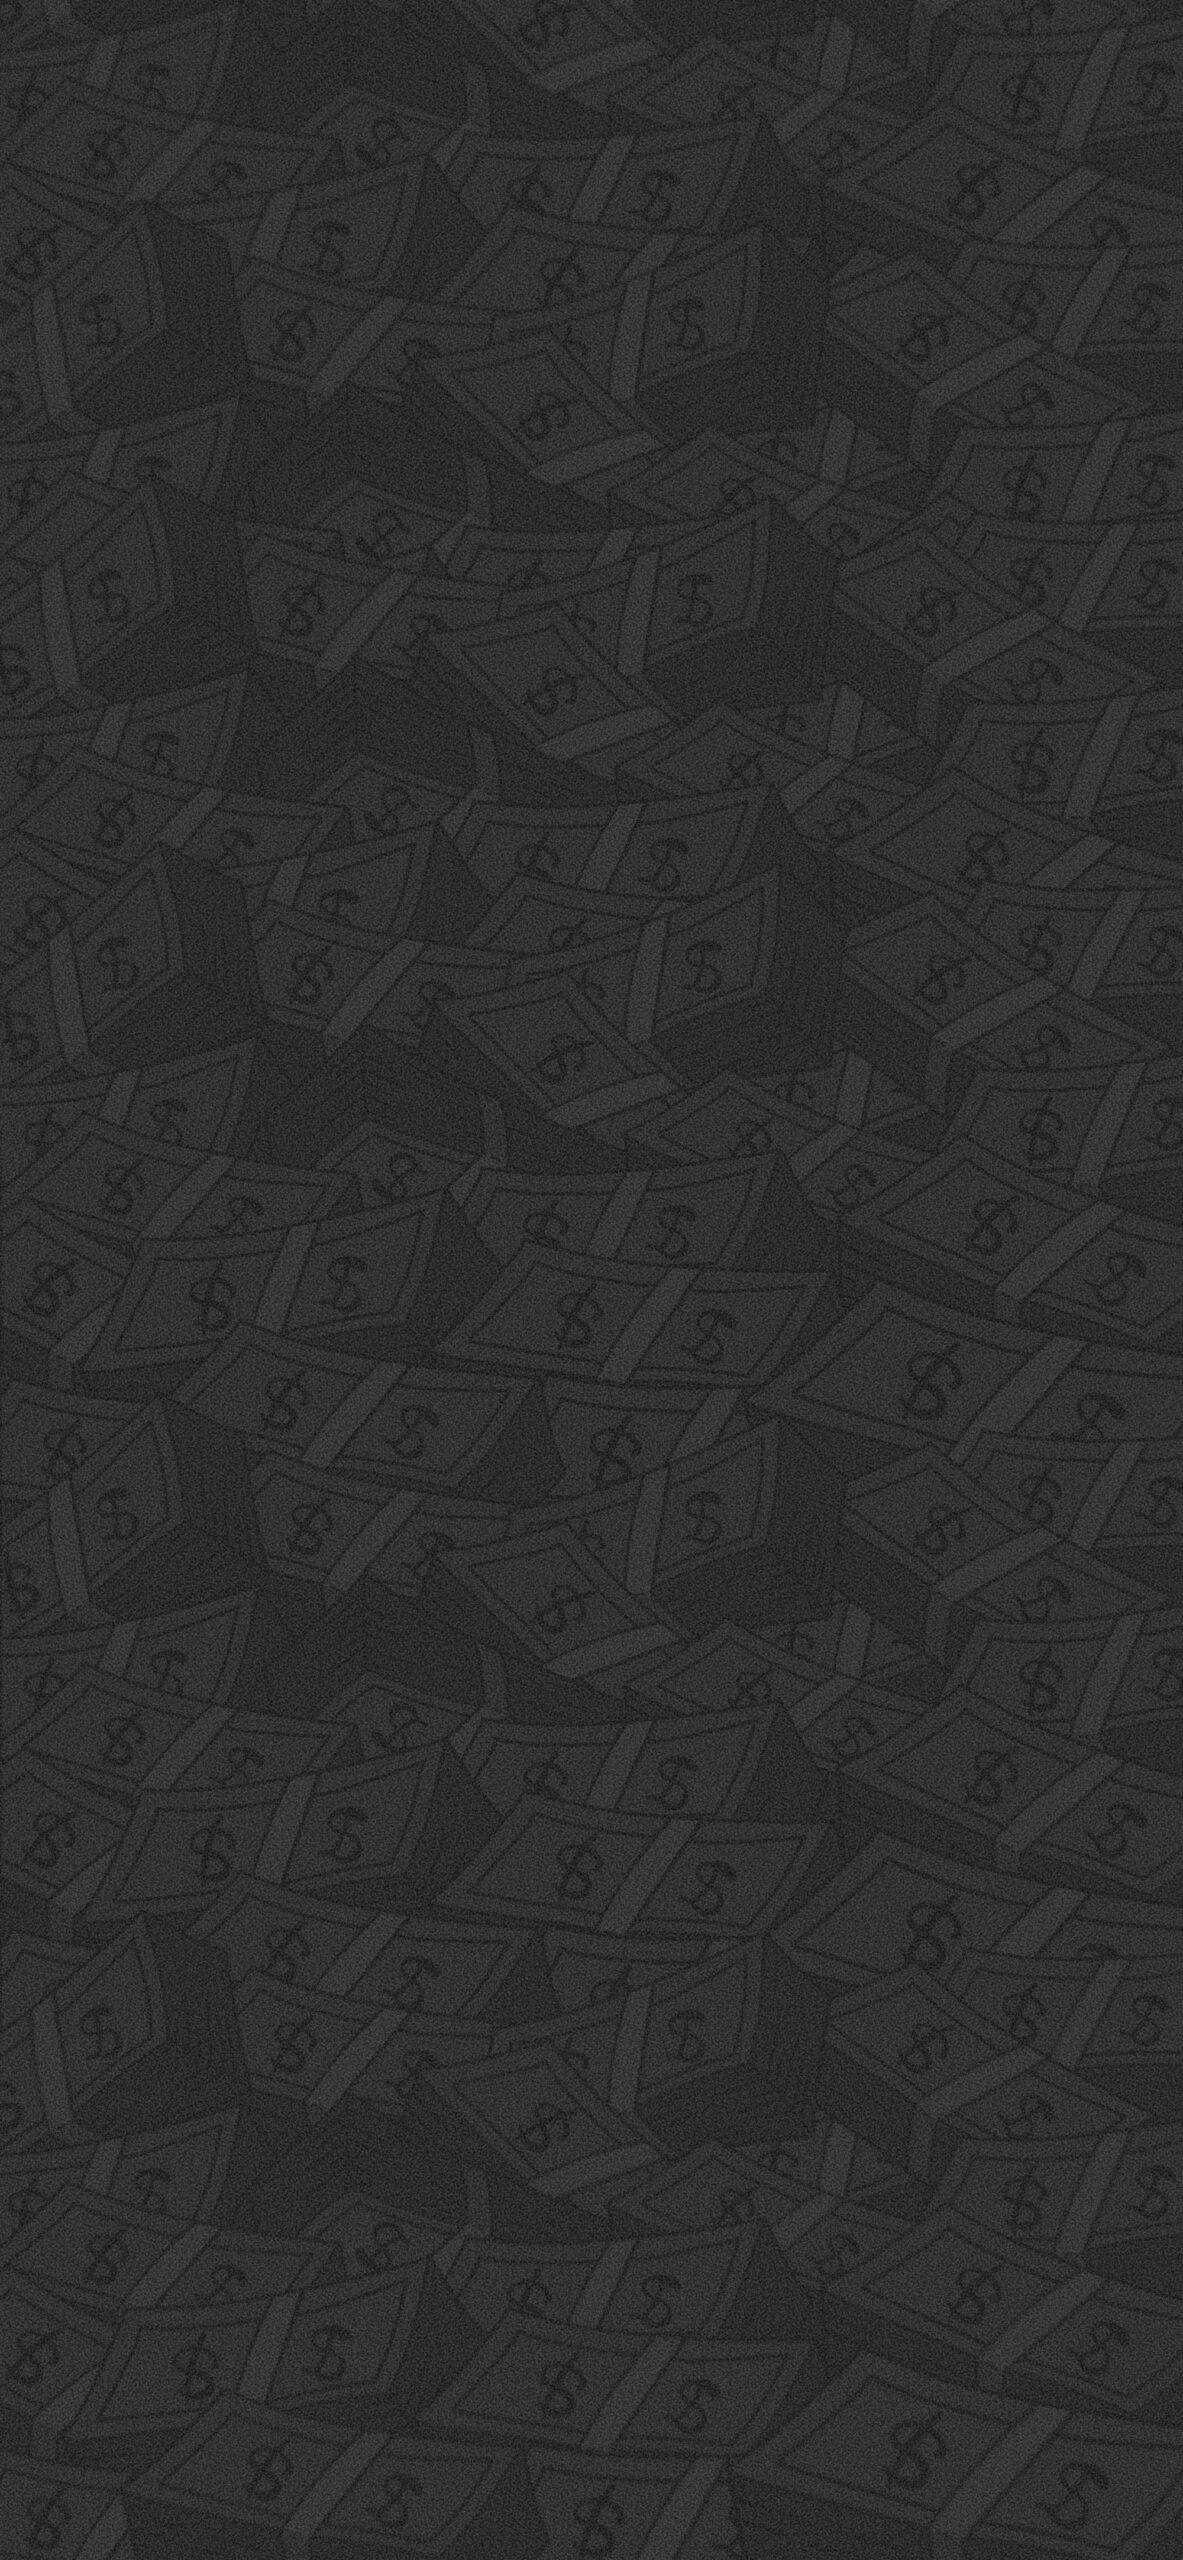 looney tunes daffy duck money background 2